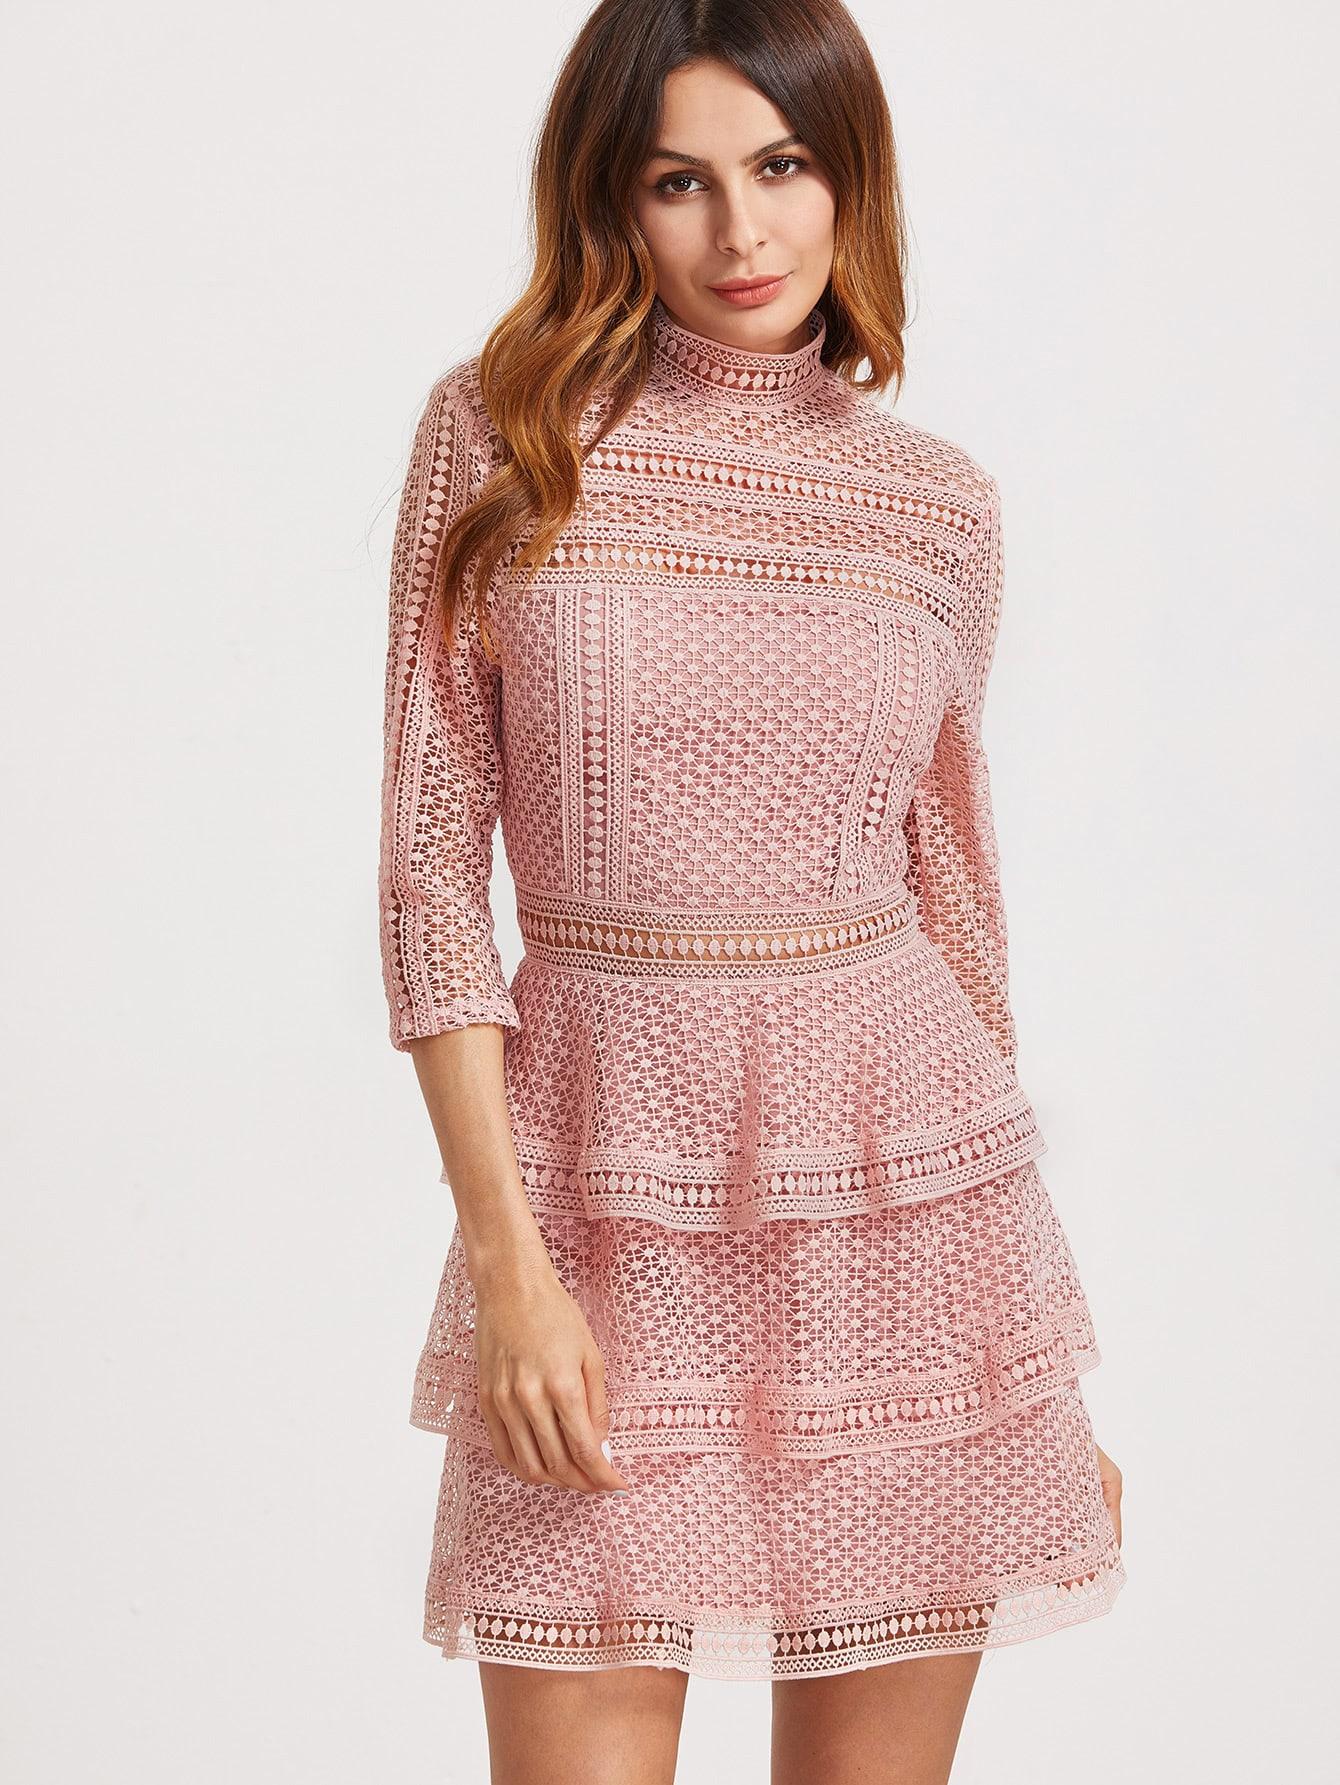 Vestido cuello alto de manga 3/4 de croché - rosa -Spanish SheIn ...